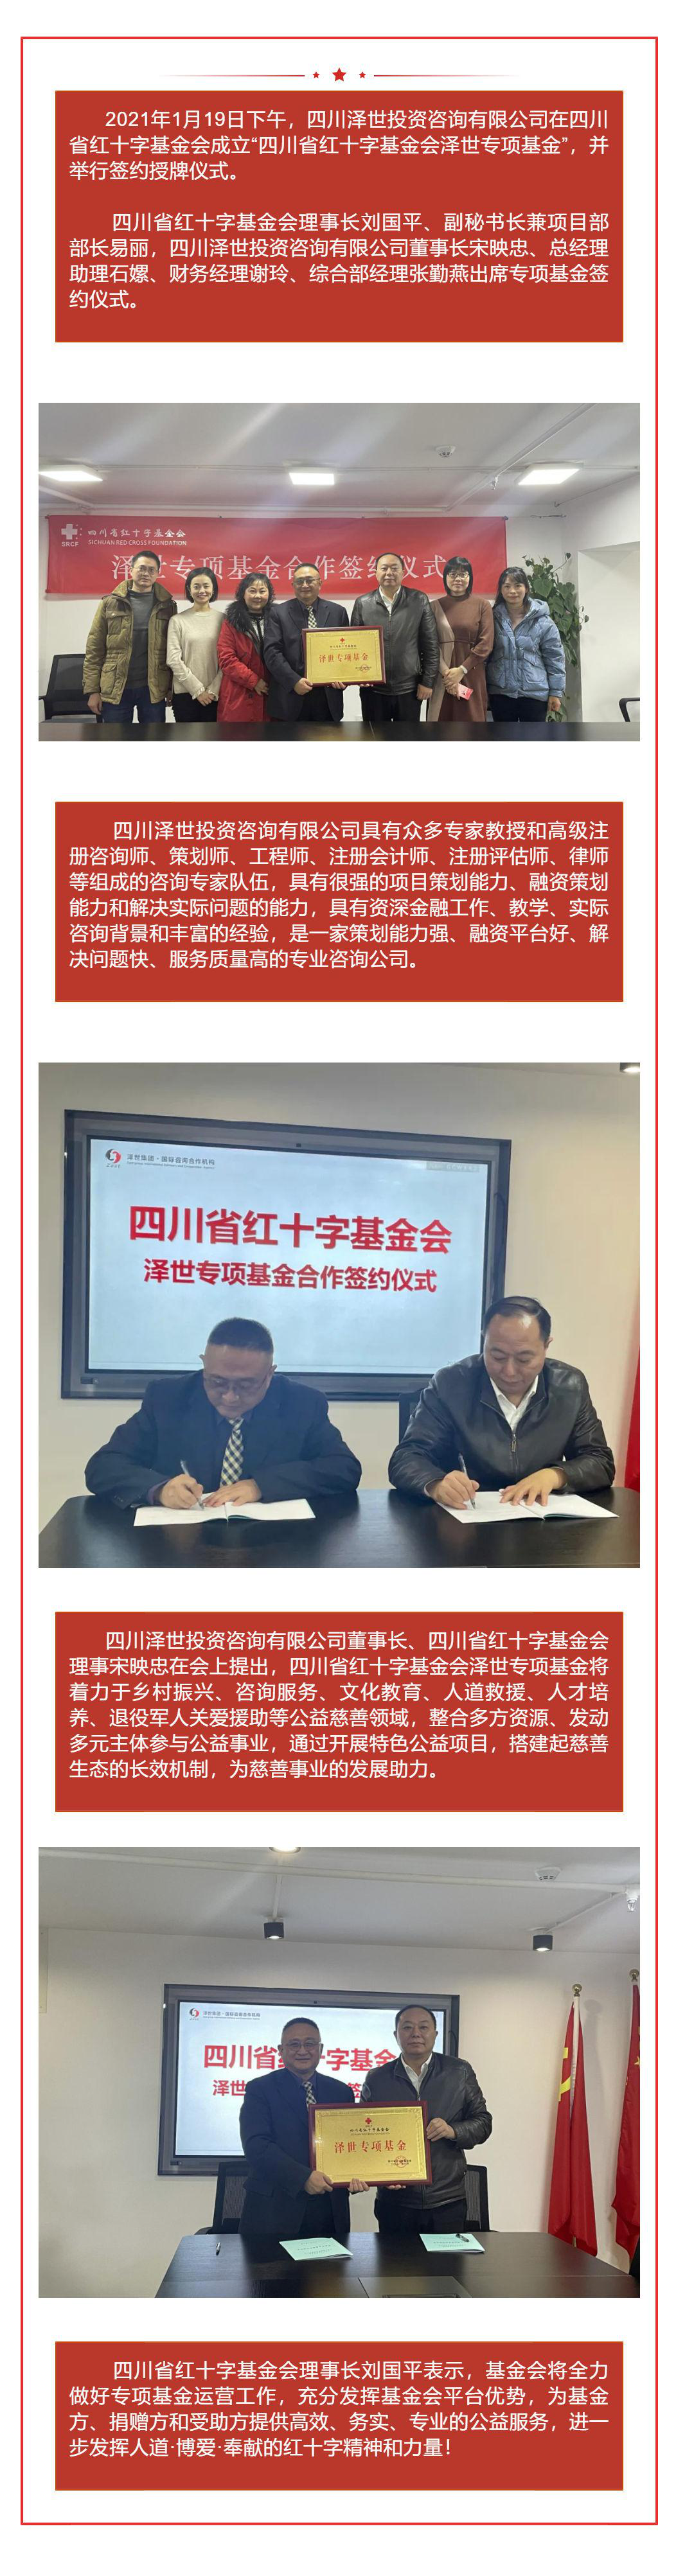 四川省红十字基金会泽世专项基金正式成立_壹伴长图1.jpg